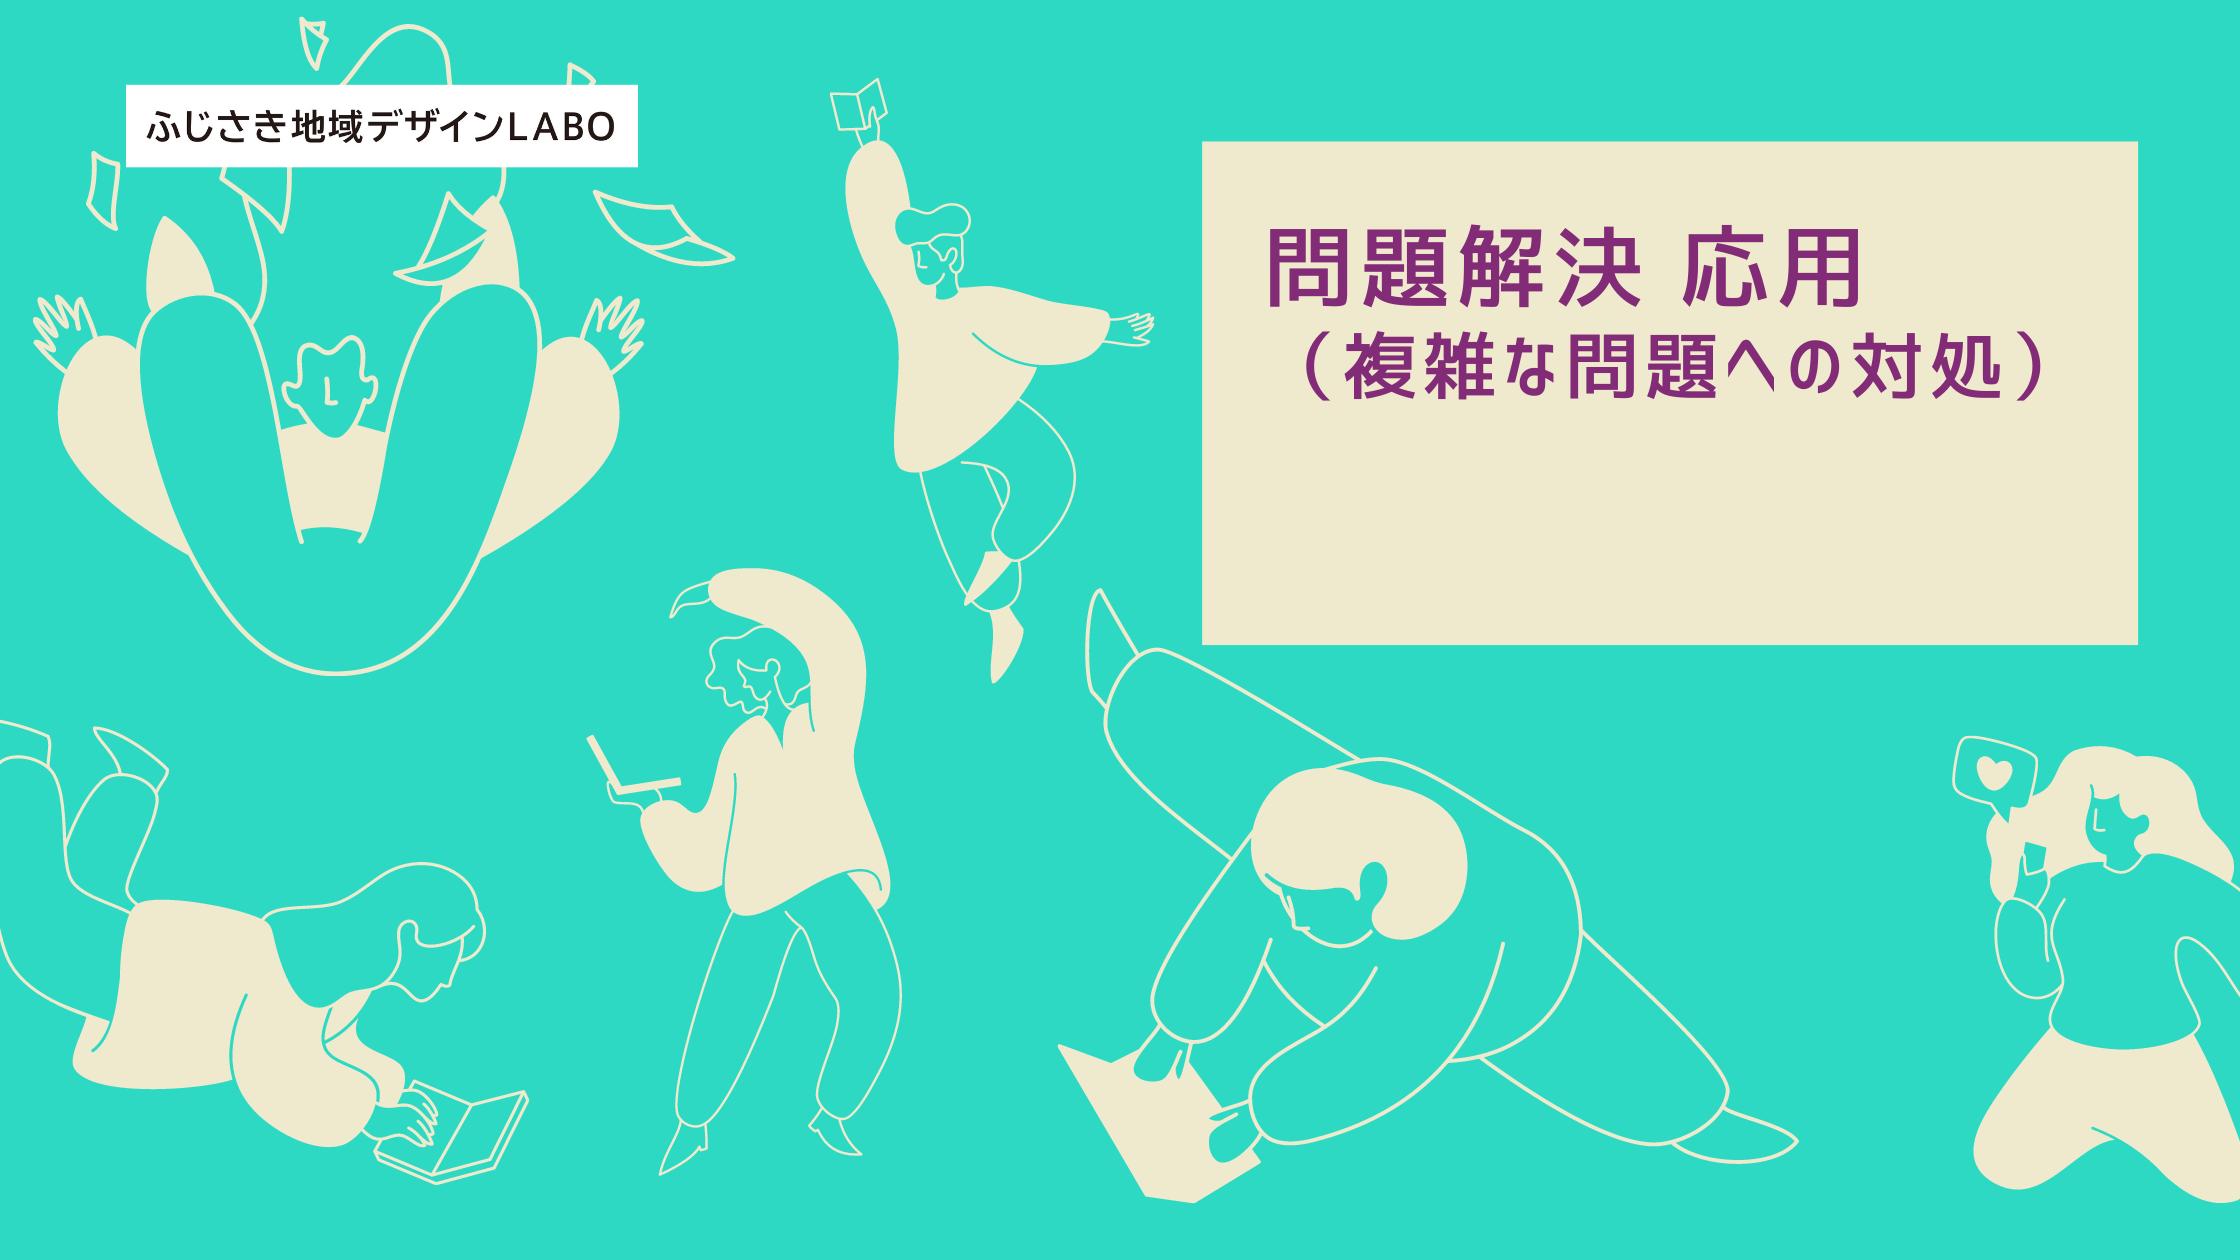 【ふじさき地域デザインLABOプロデューサー育成】問題解決 応用(複雑な問題への対処)